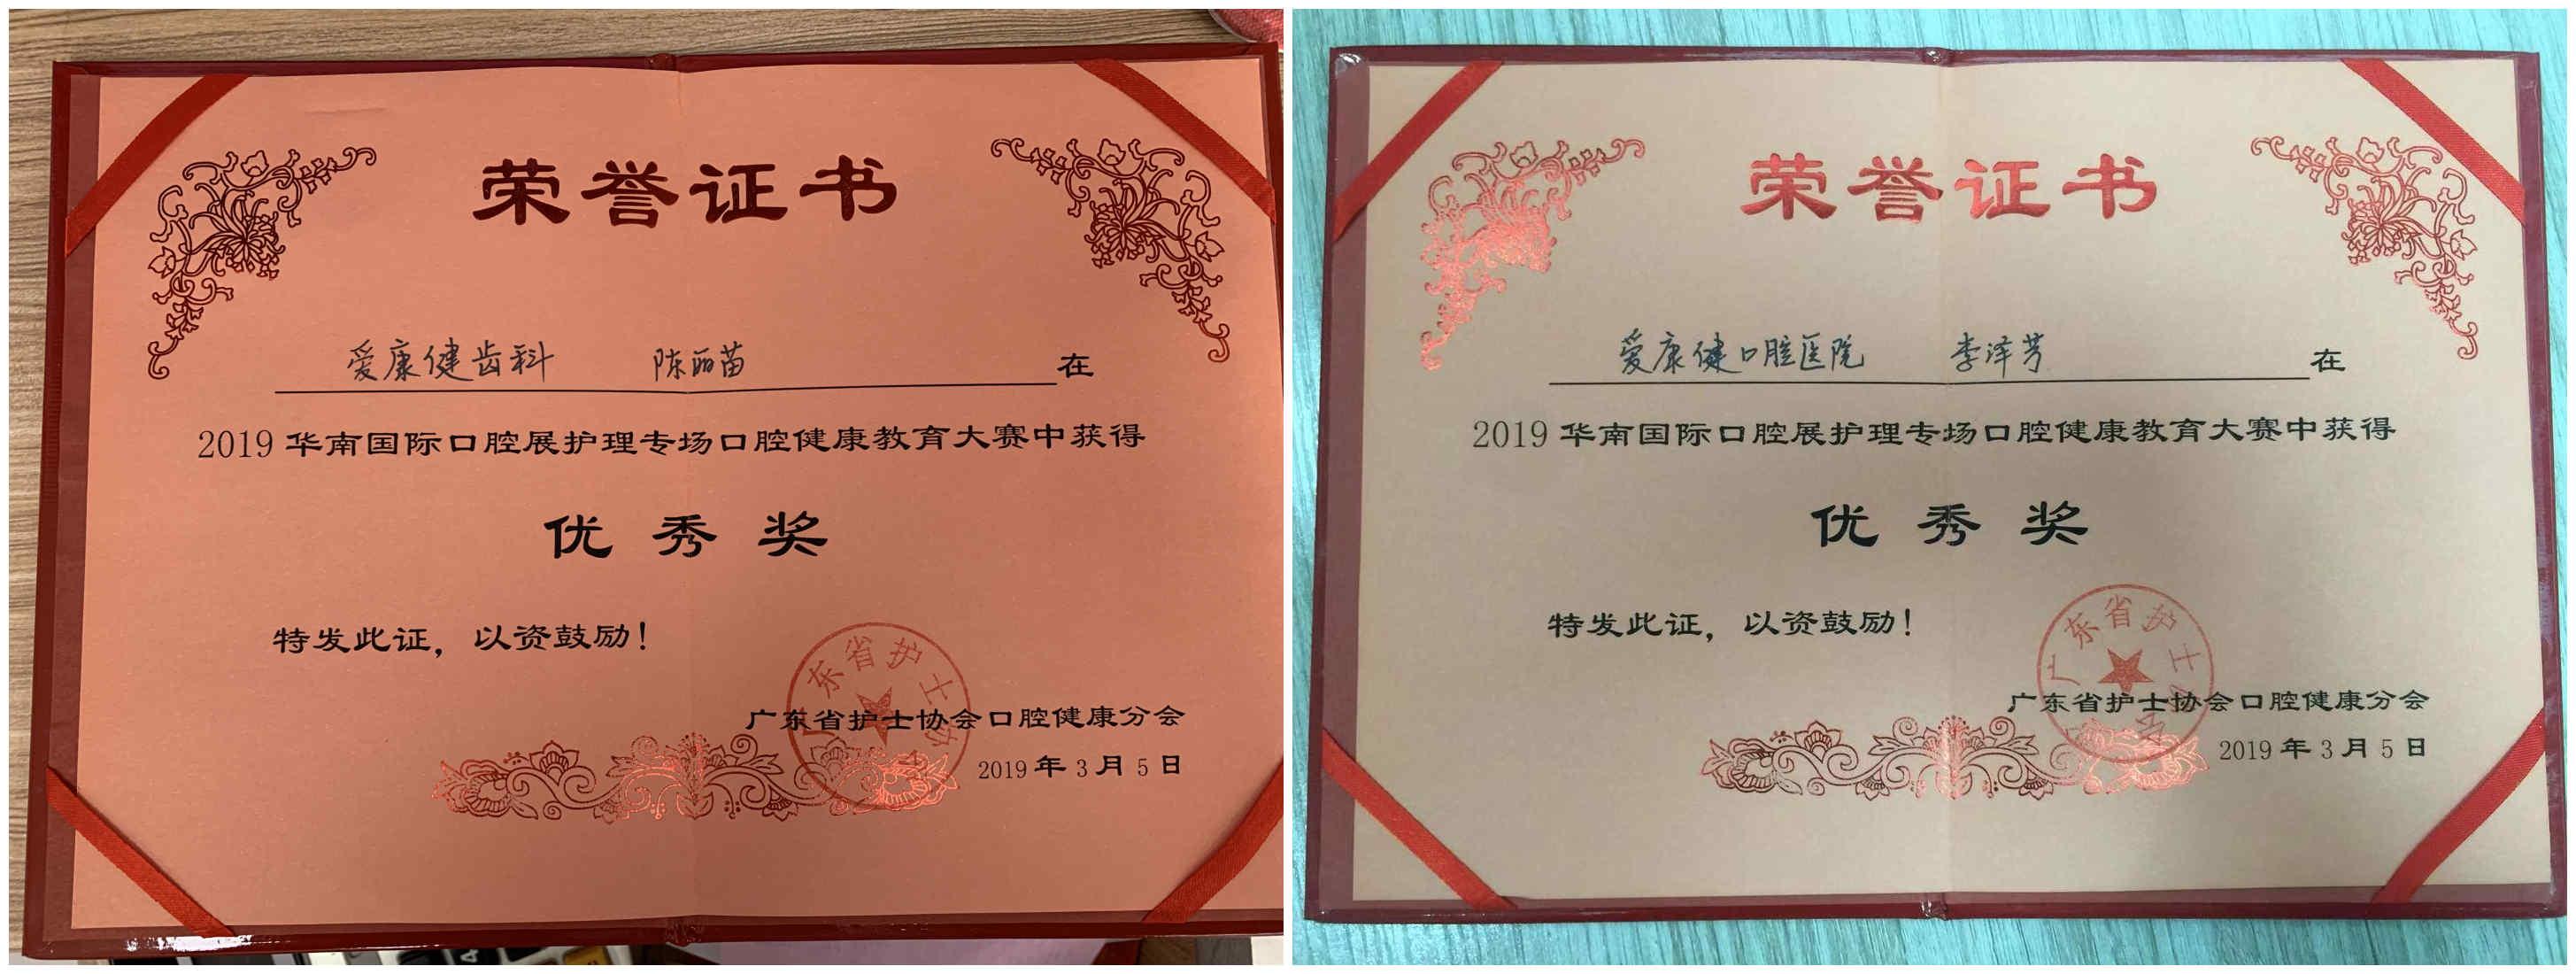 陈丽苗和李泽芳护士获奖奖状